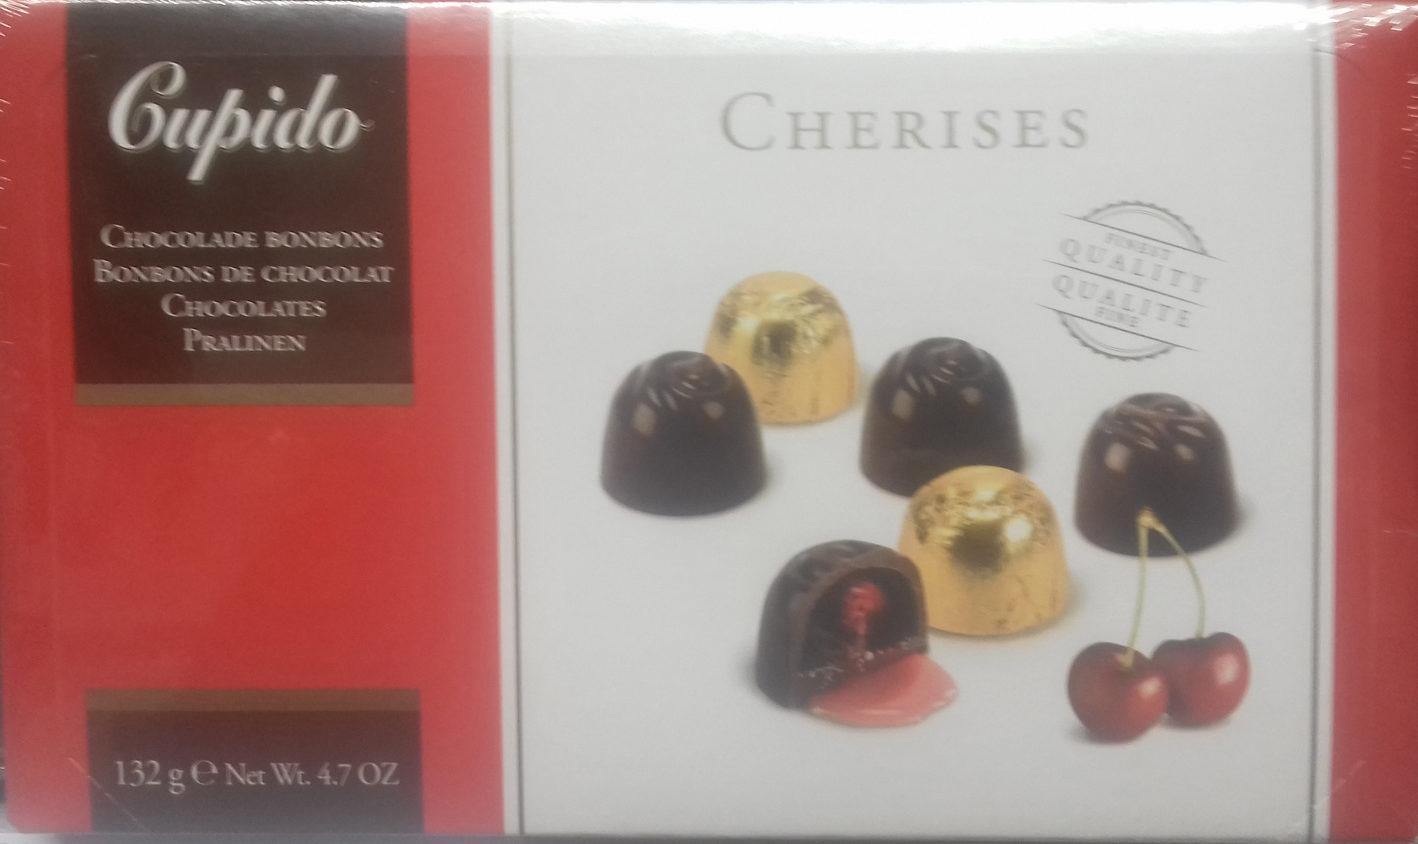 Cherises - Producto - es